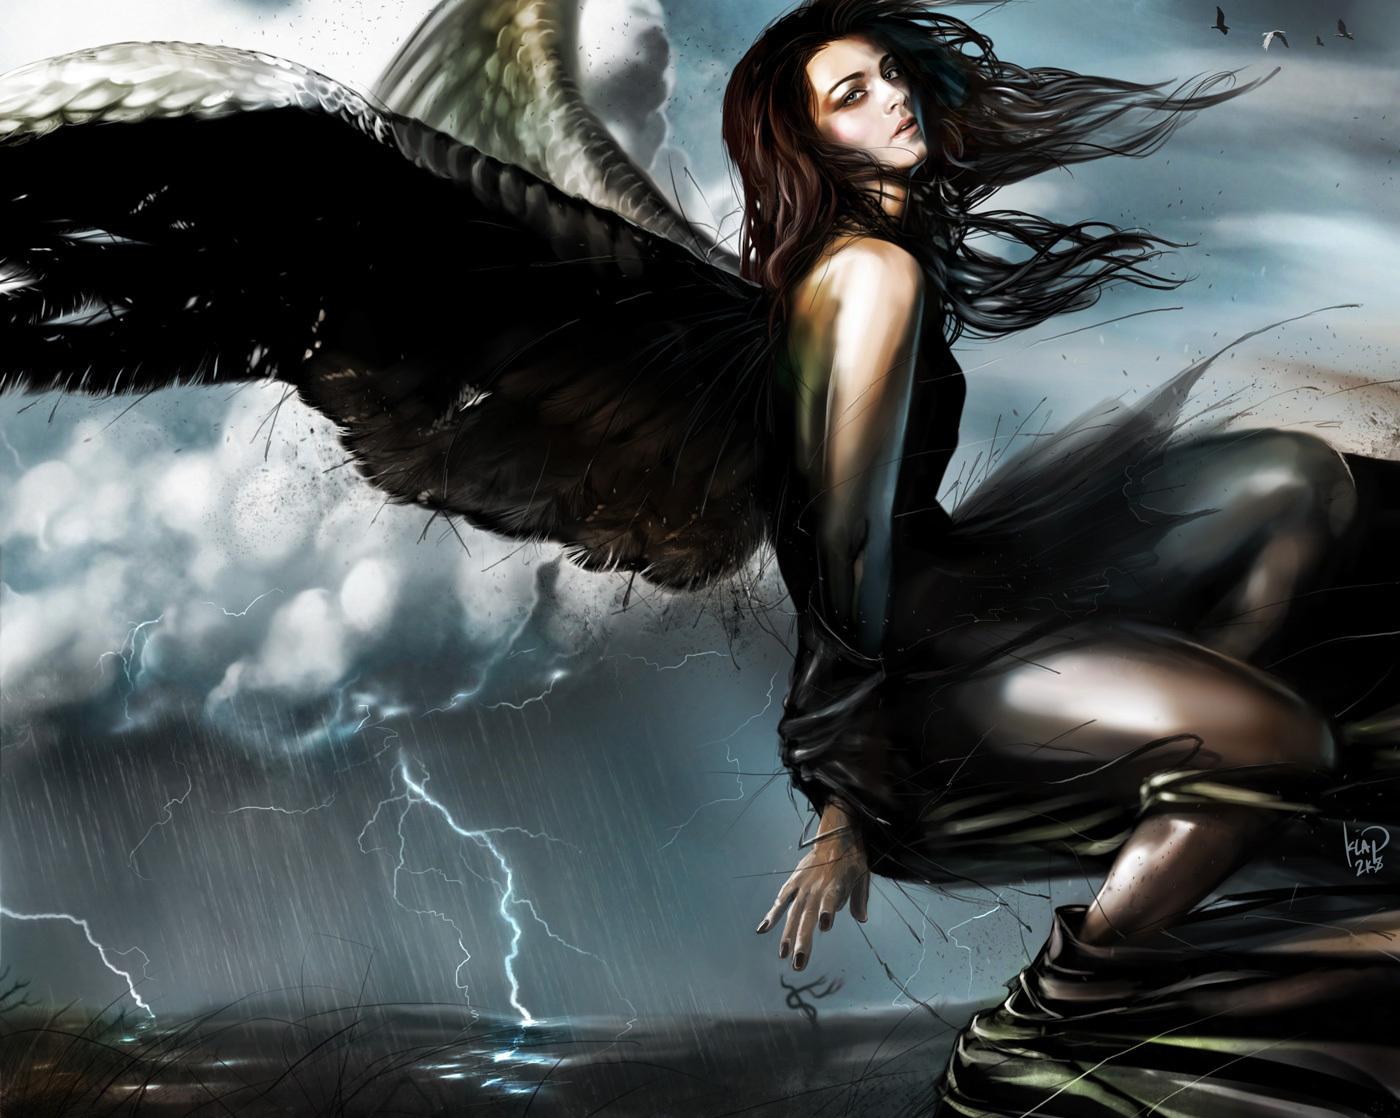 angel photoshop fantasy famale - photo #42